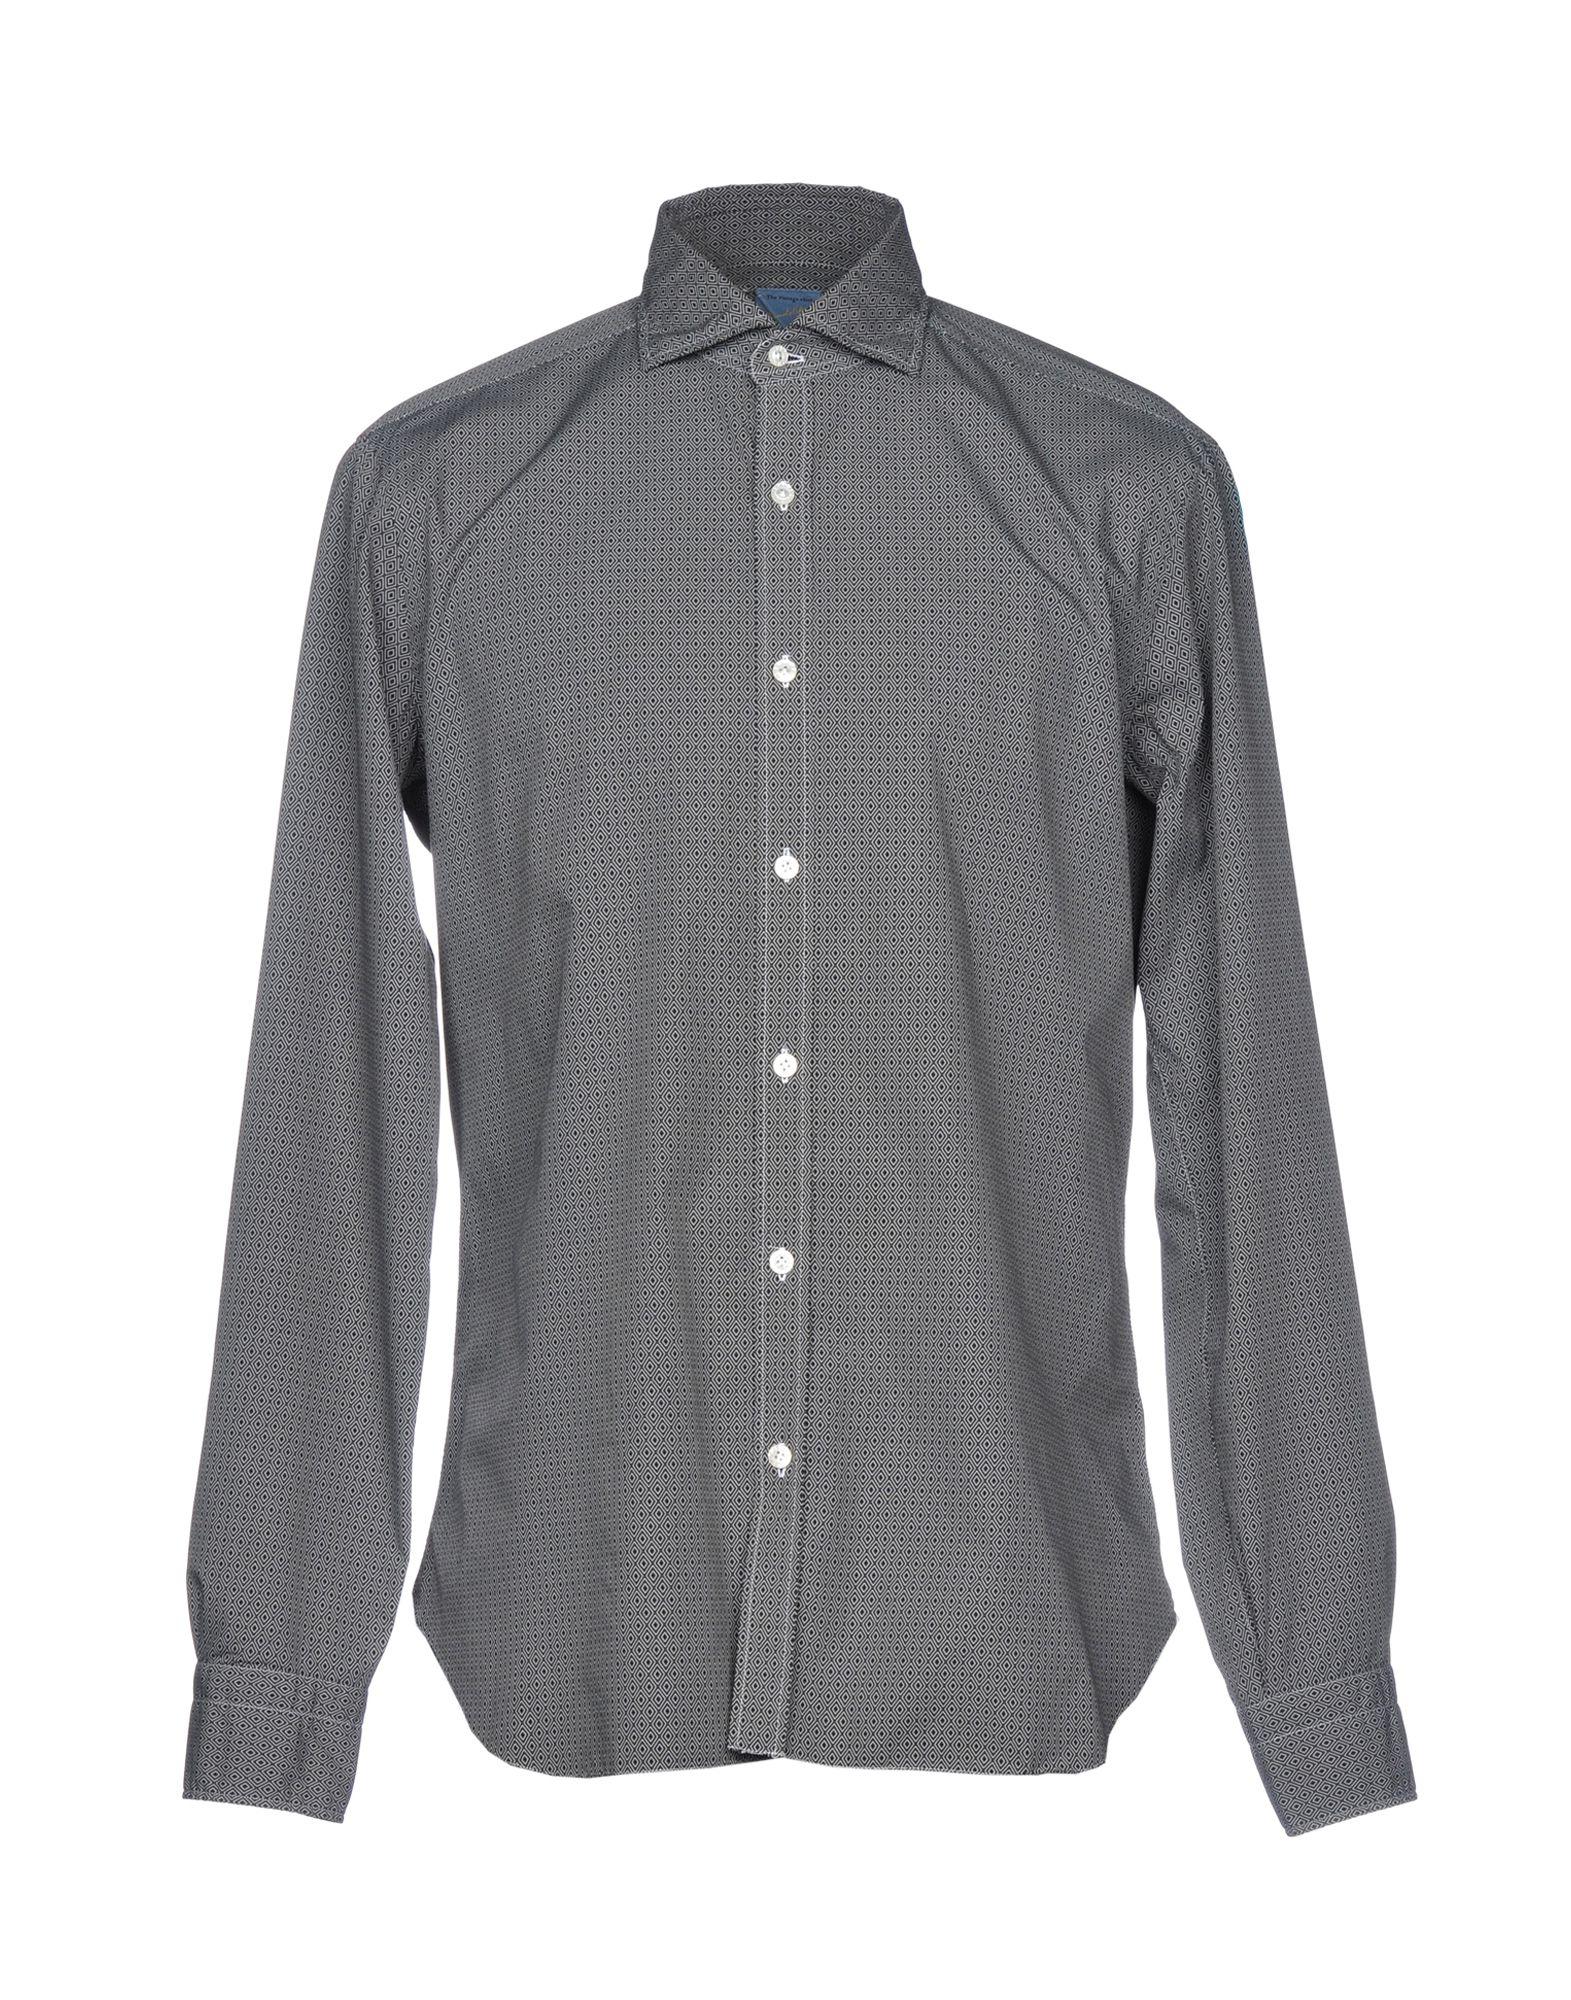 《送料無料》BARBA Napoli メンズ シャツ ブラック 41 コットン 100%